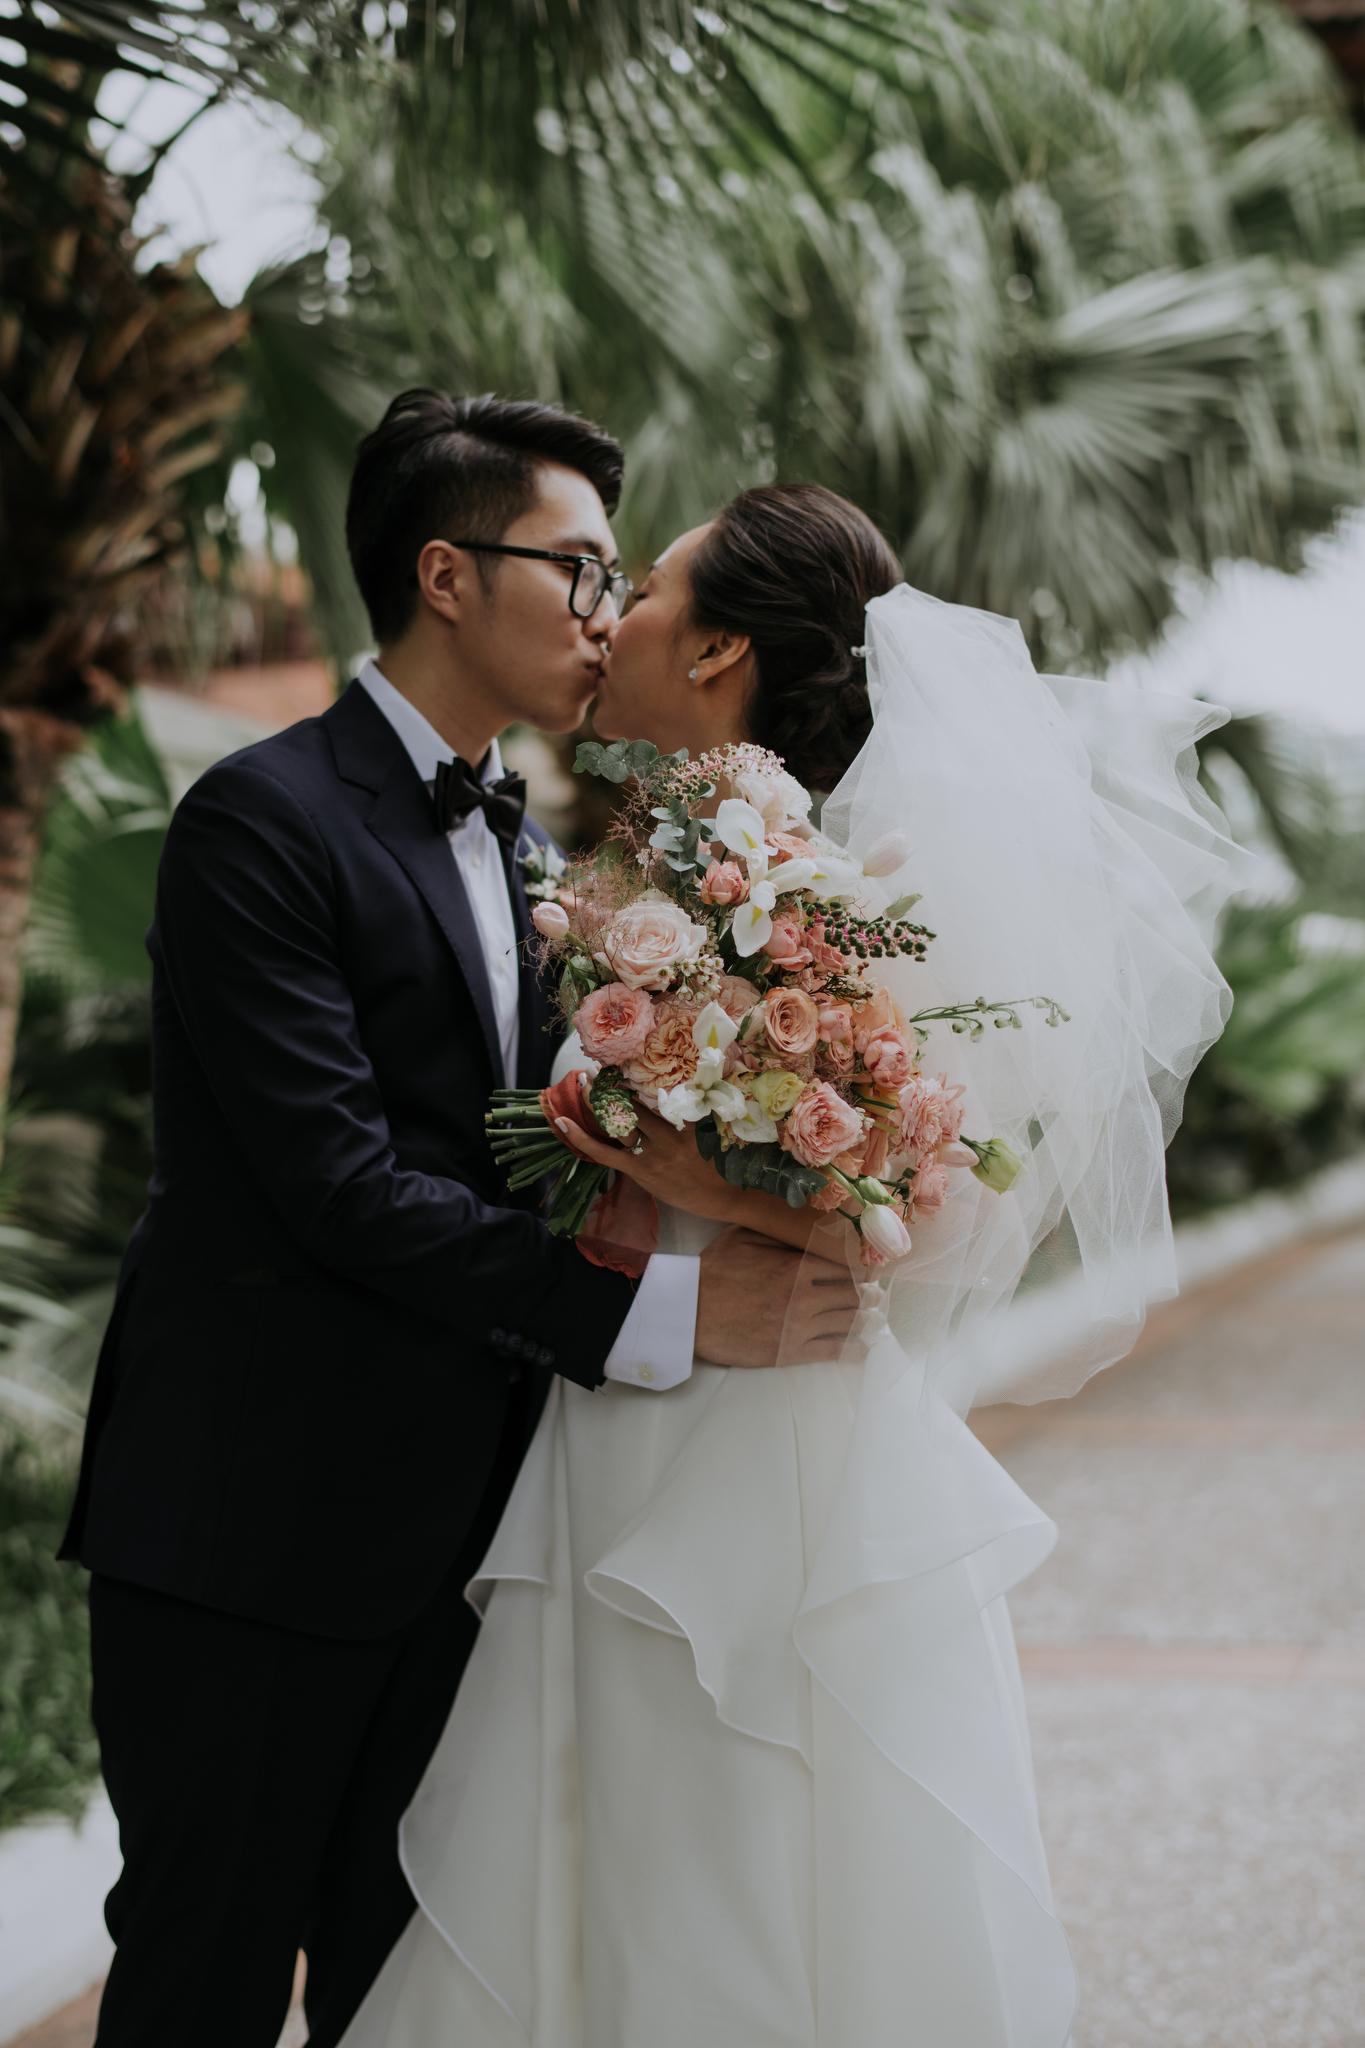 https://huk.s3.amazonaws.com/uploads/image/source/1390/Phuong-Diep-HN-Ceremony-1-0307.JPG